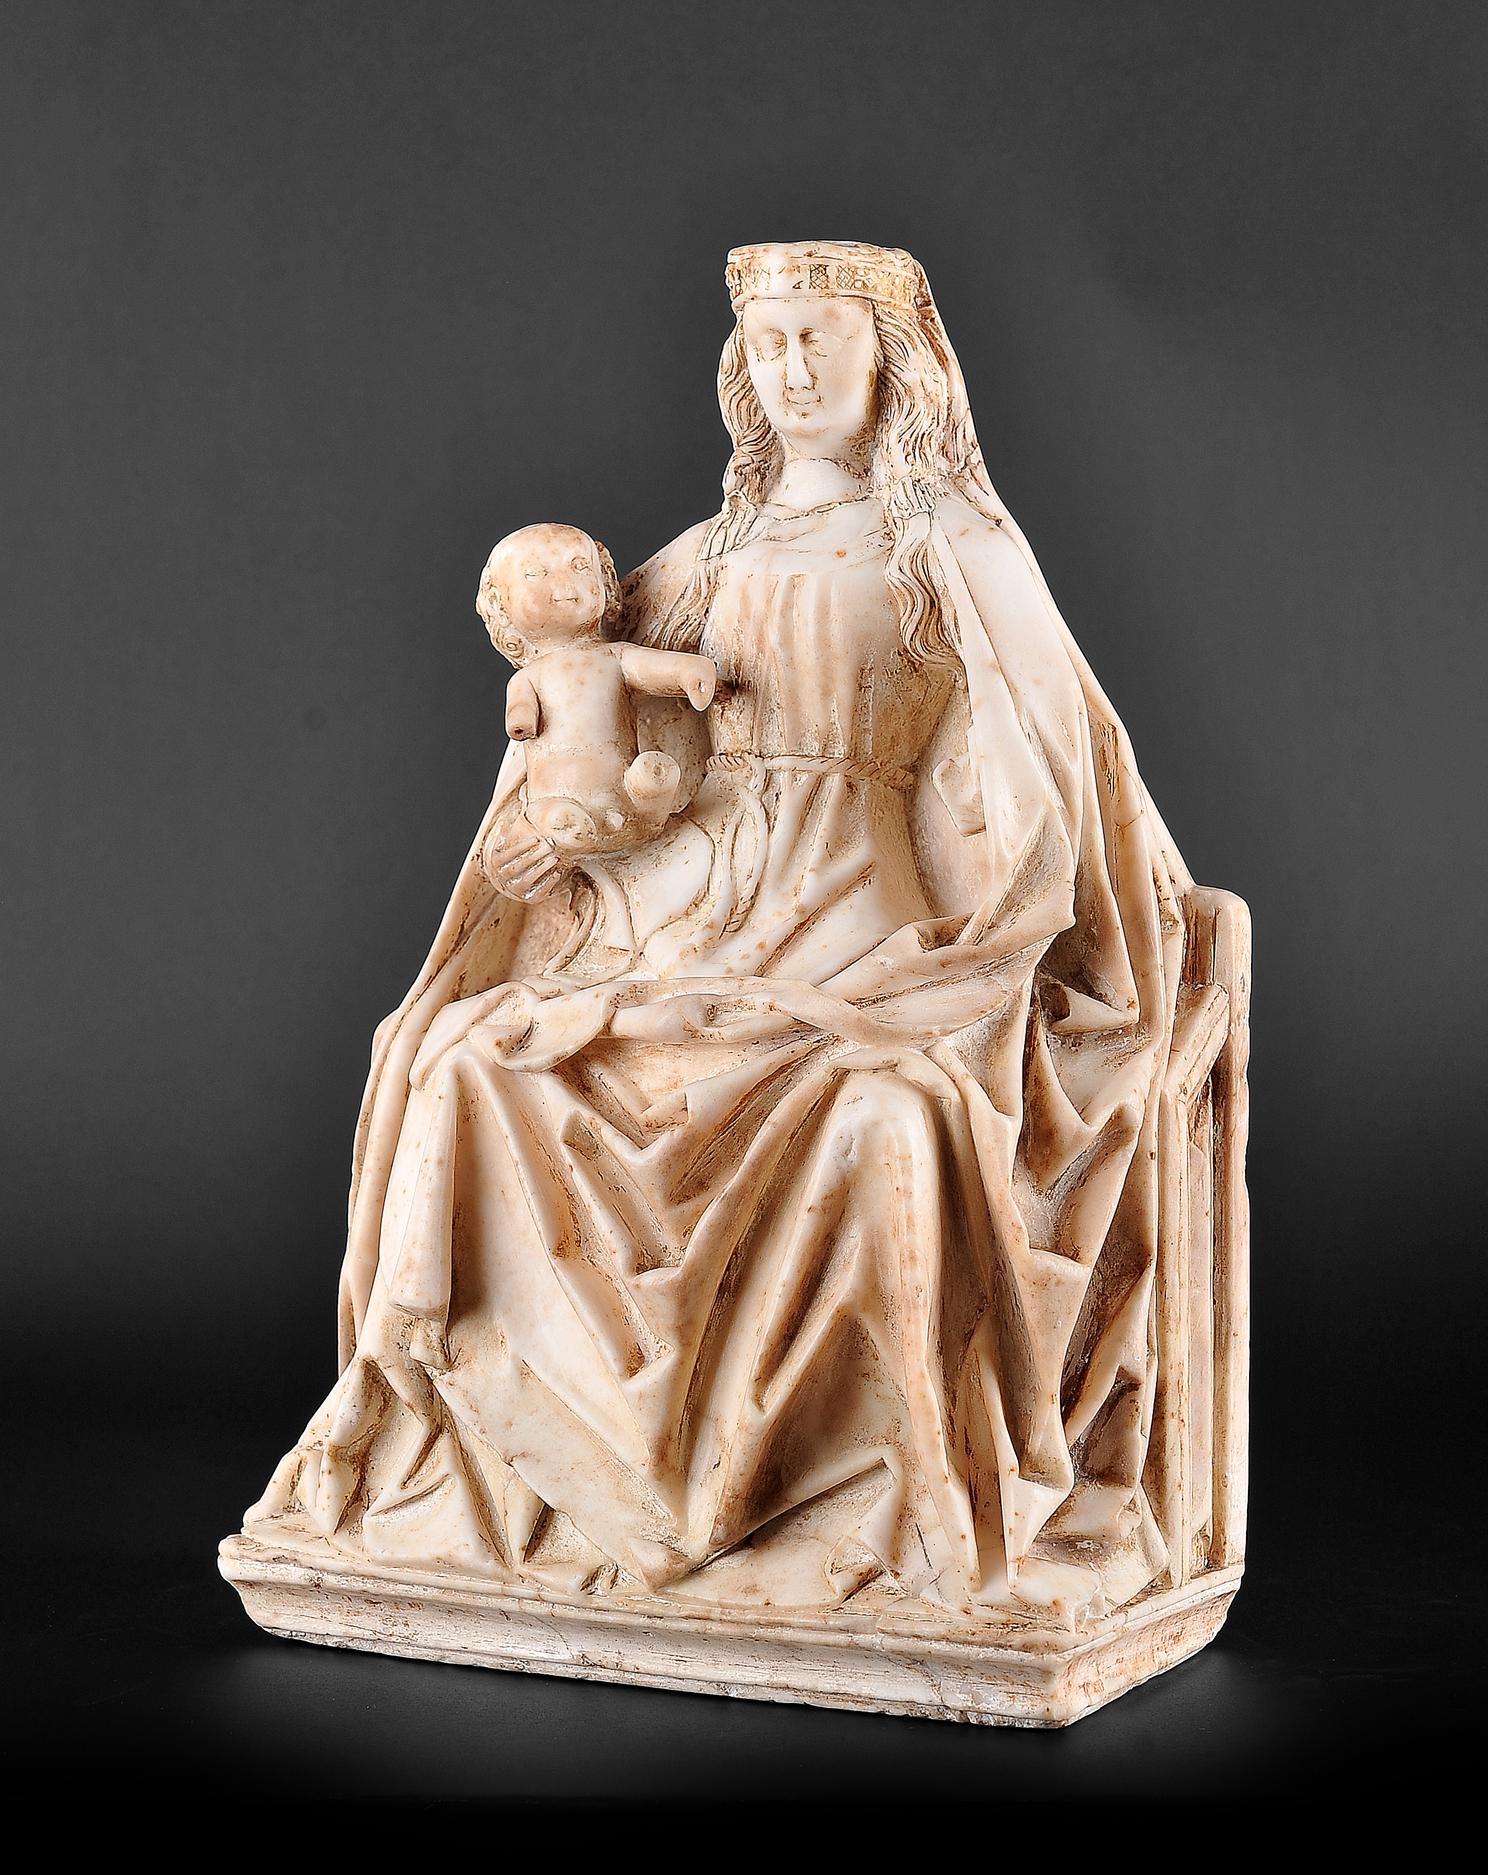 Gil de Siloe, Antwerpen 1440 – 1501 Burgos (und Werkstatt), Sitzende Madonna, um 1485/90 - Image 4 of 25